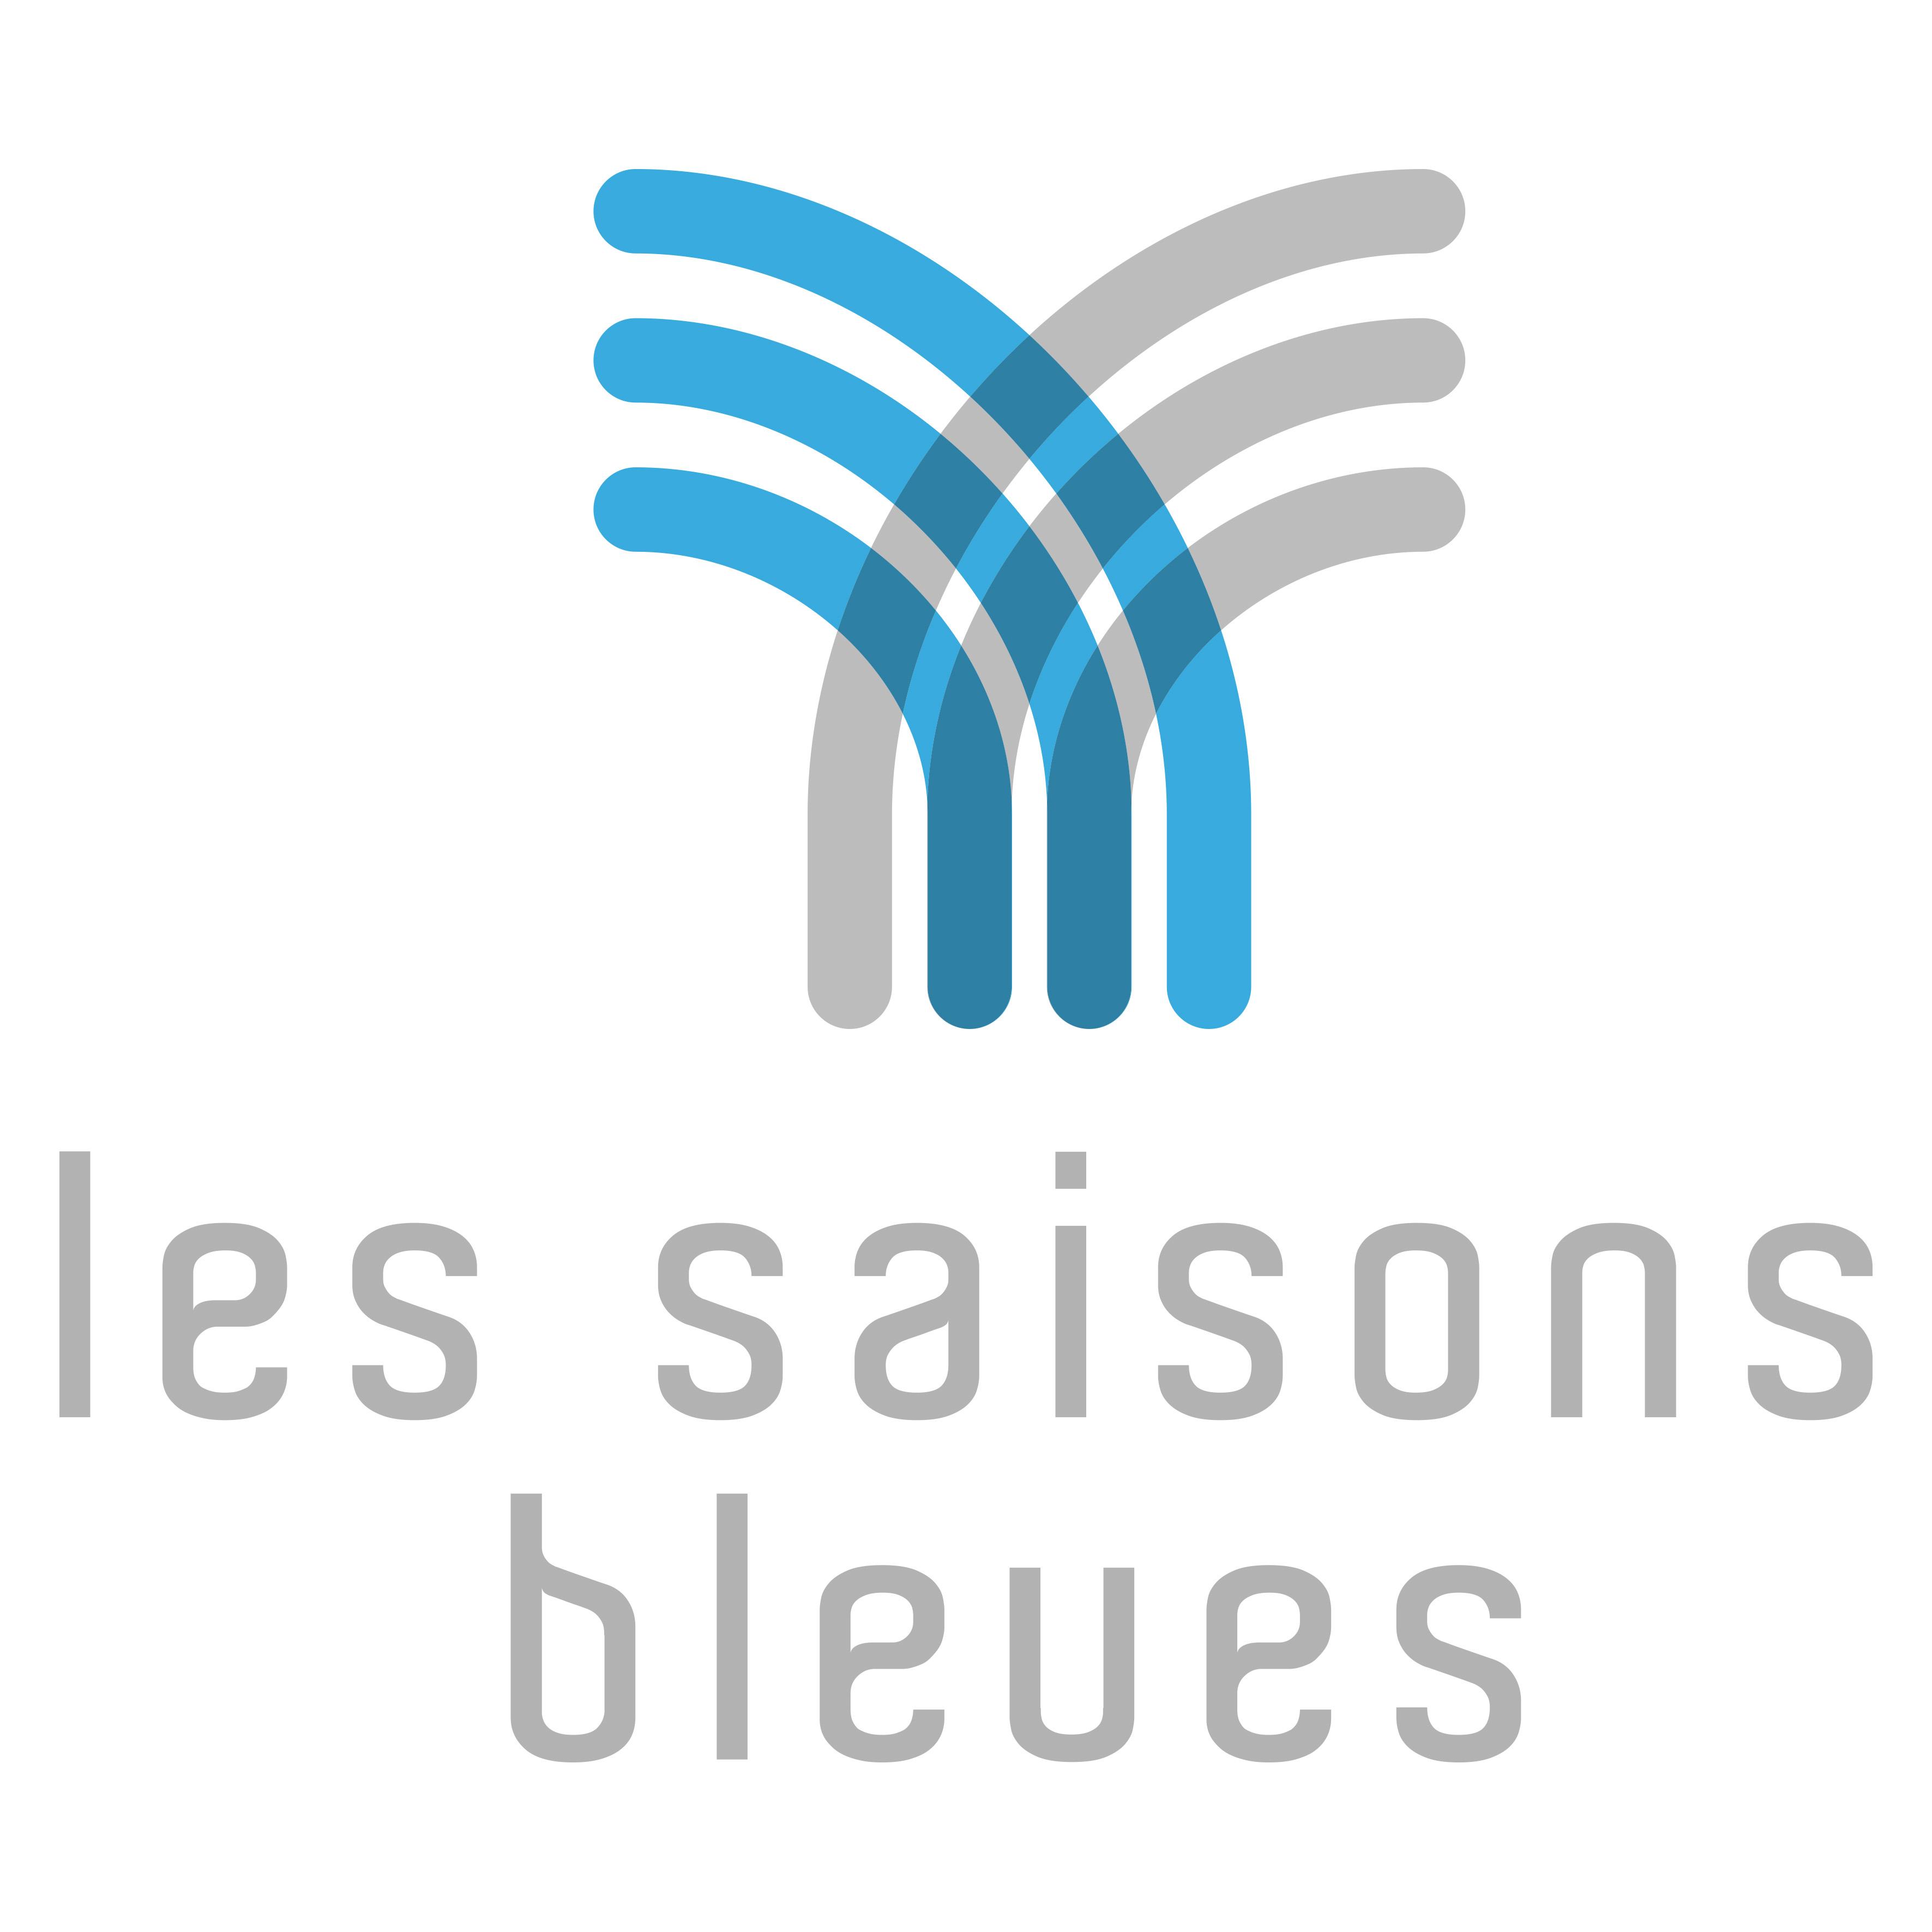 Les Seasons Bleues